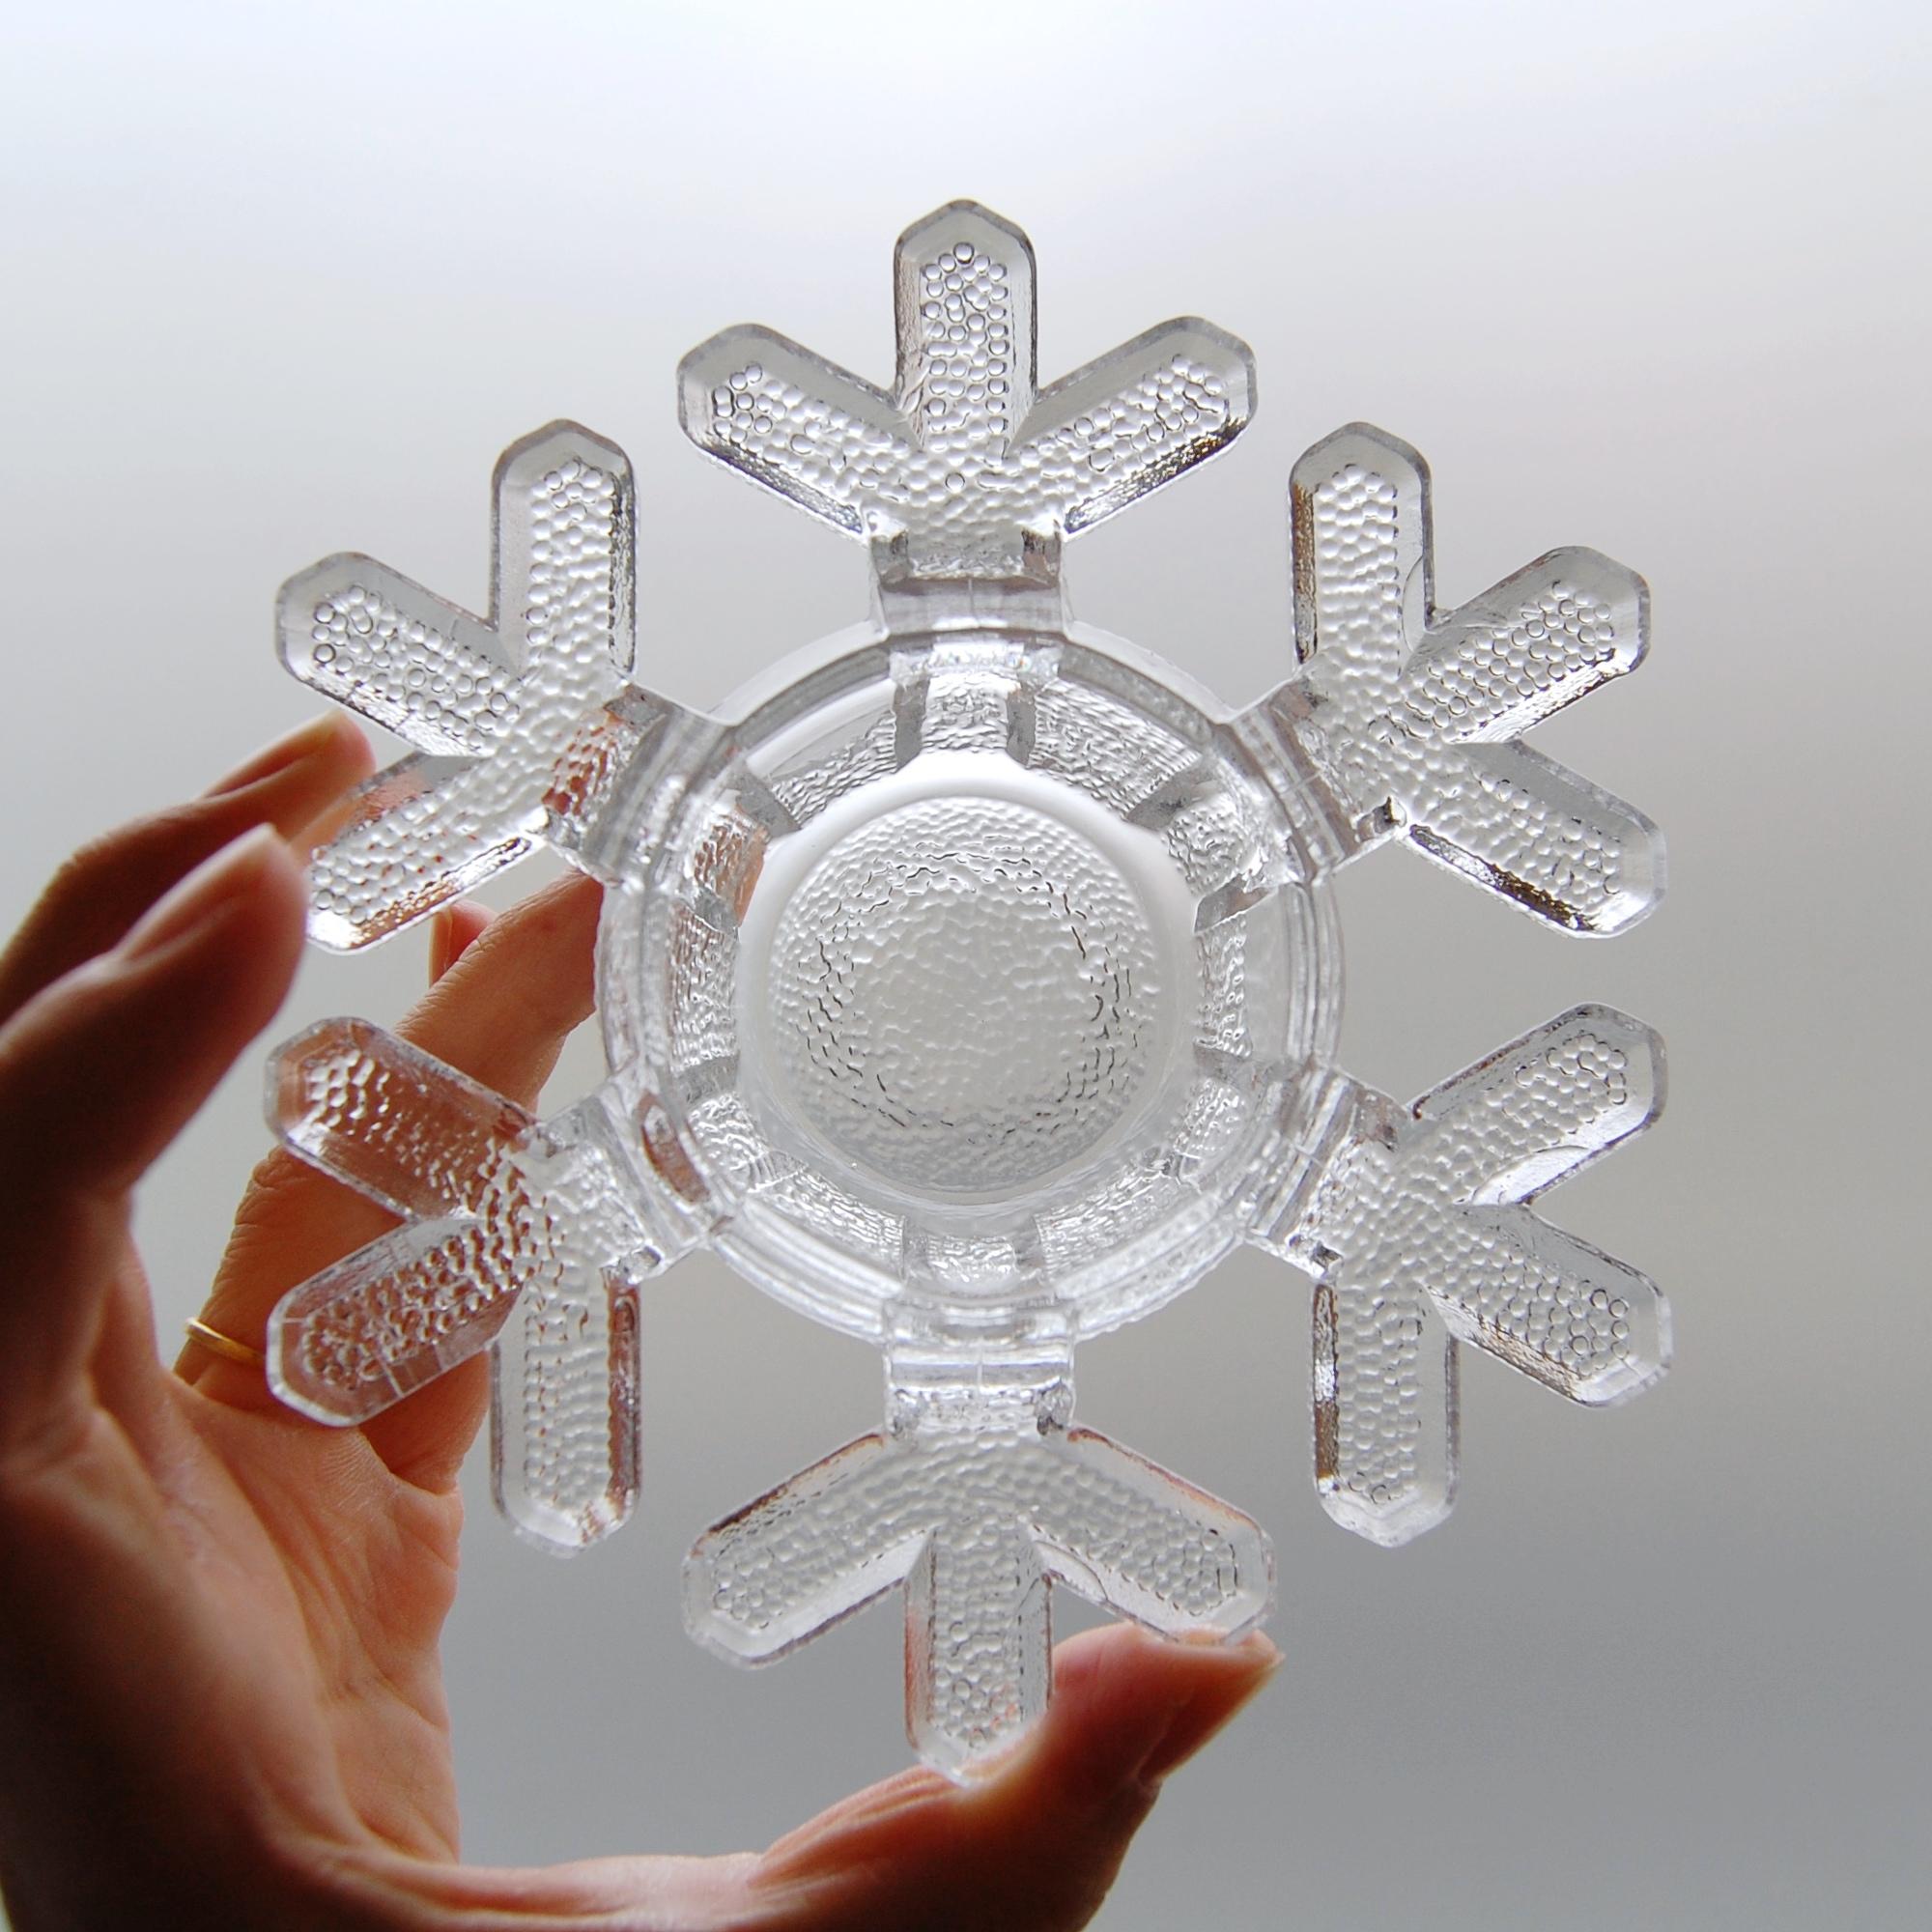 iittala/イッタラ Snow Crystal/スノークリスタル キャンドルホルダー 02